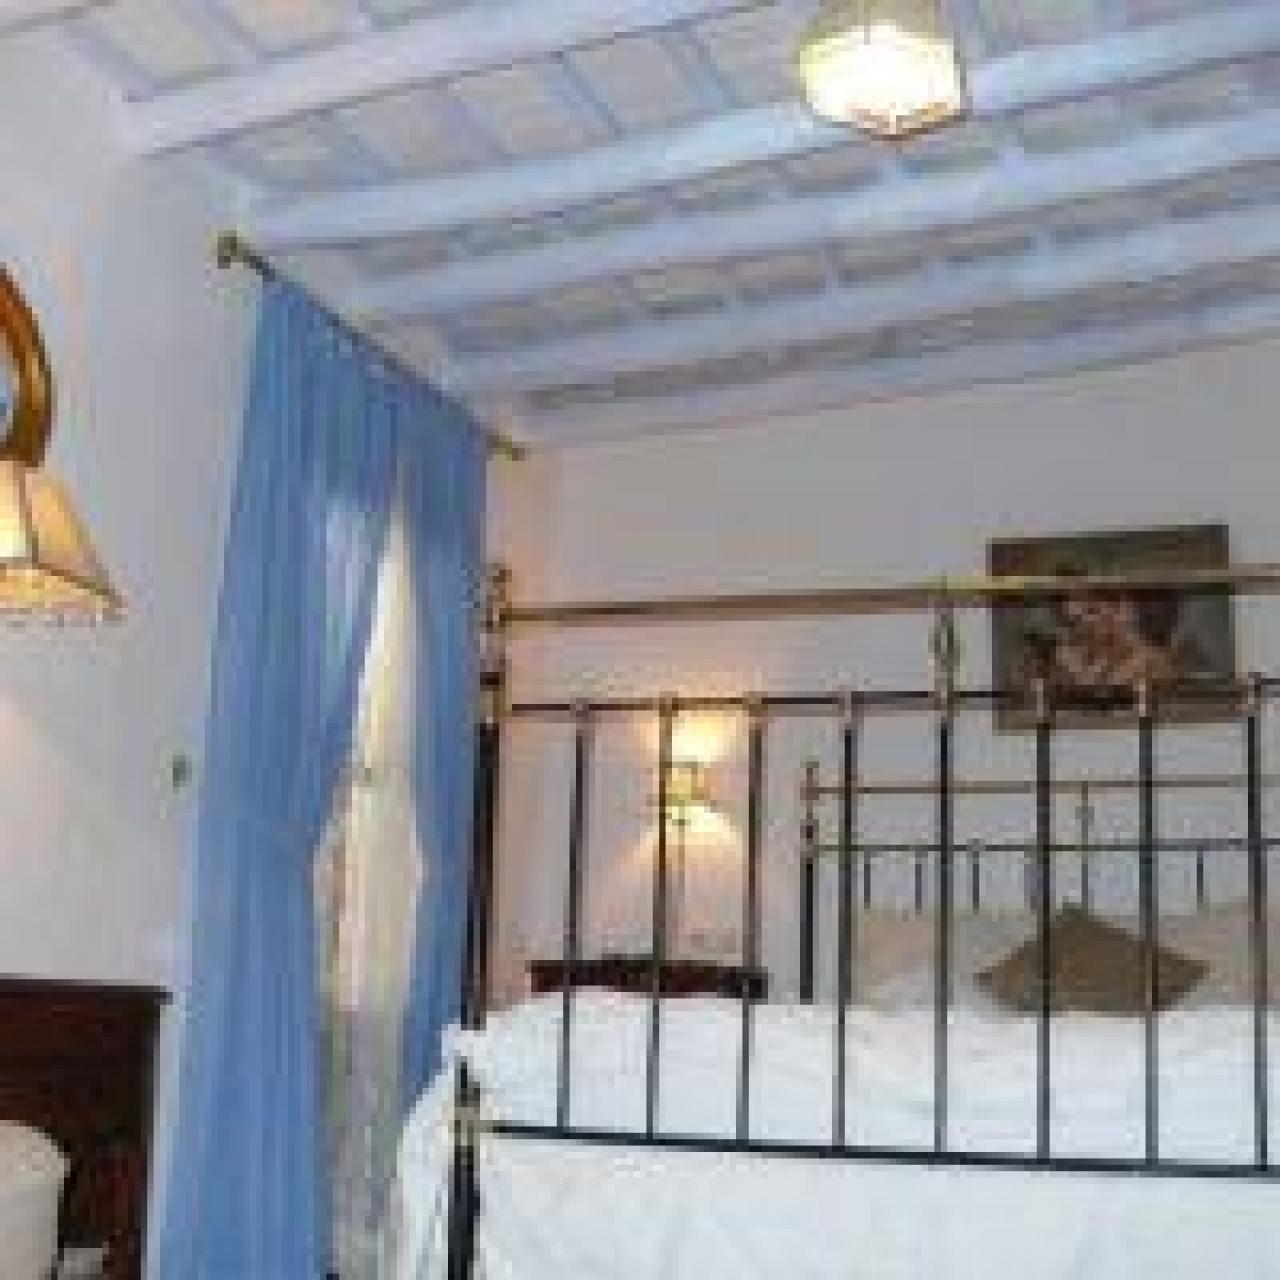 Alquiler de habitaciones Peñaflor, Sevilla